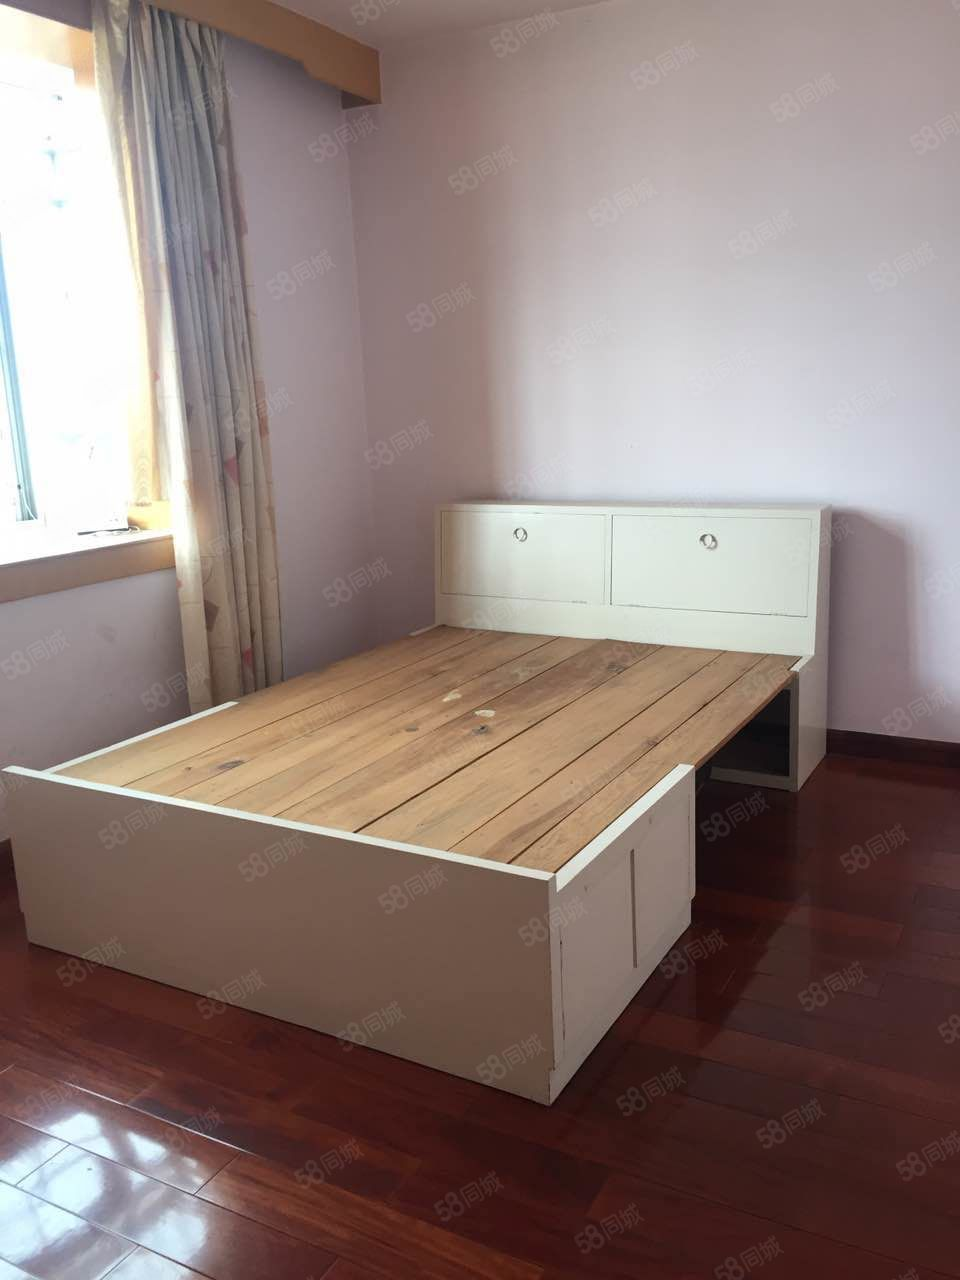 北苑小区4室2厅2卫1厨中等装修只需要1500一个月